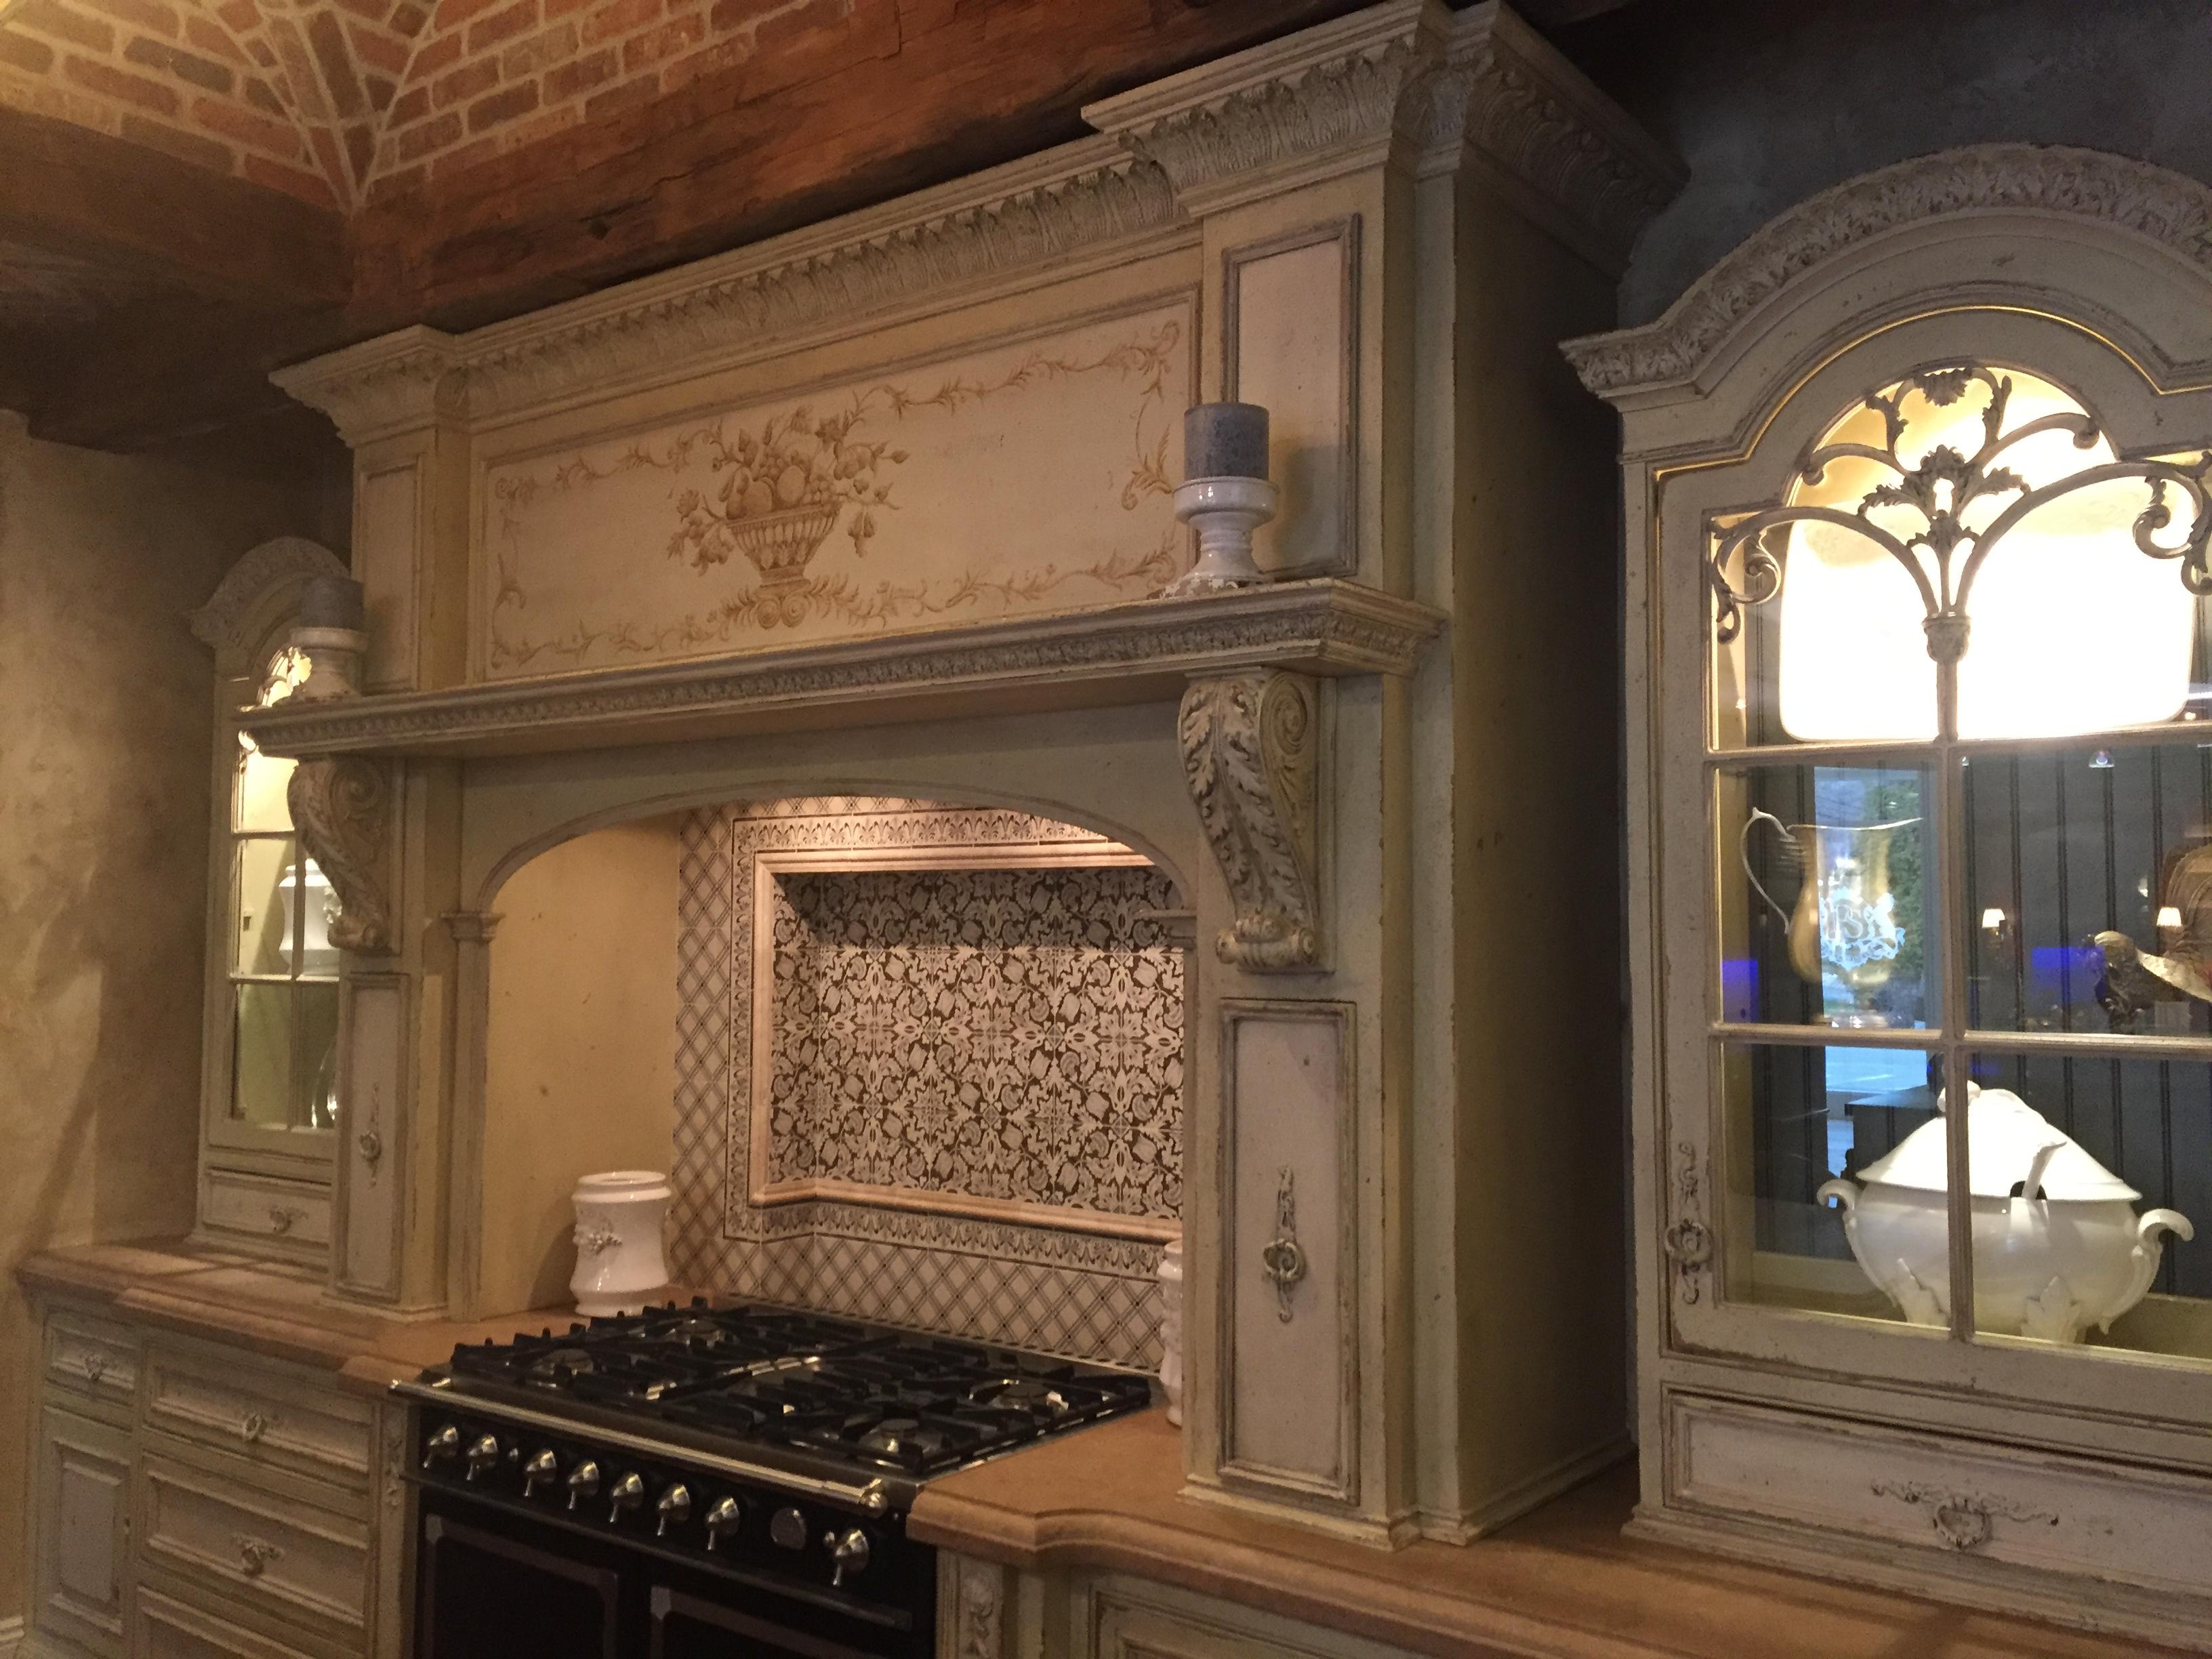 Habersham Kitchen Cabinets For Sale 2021